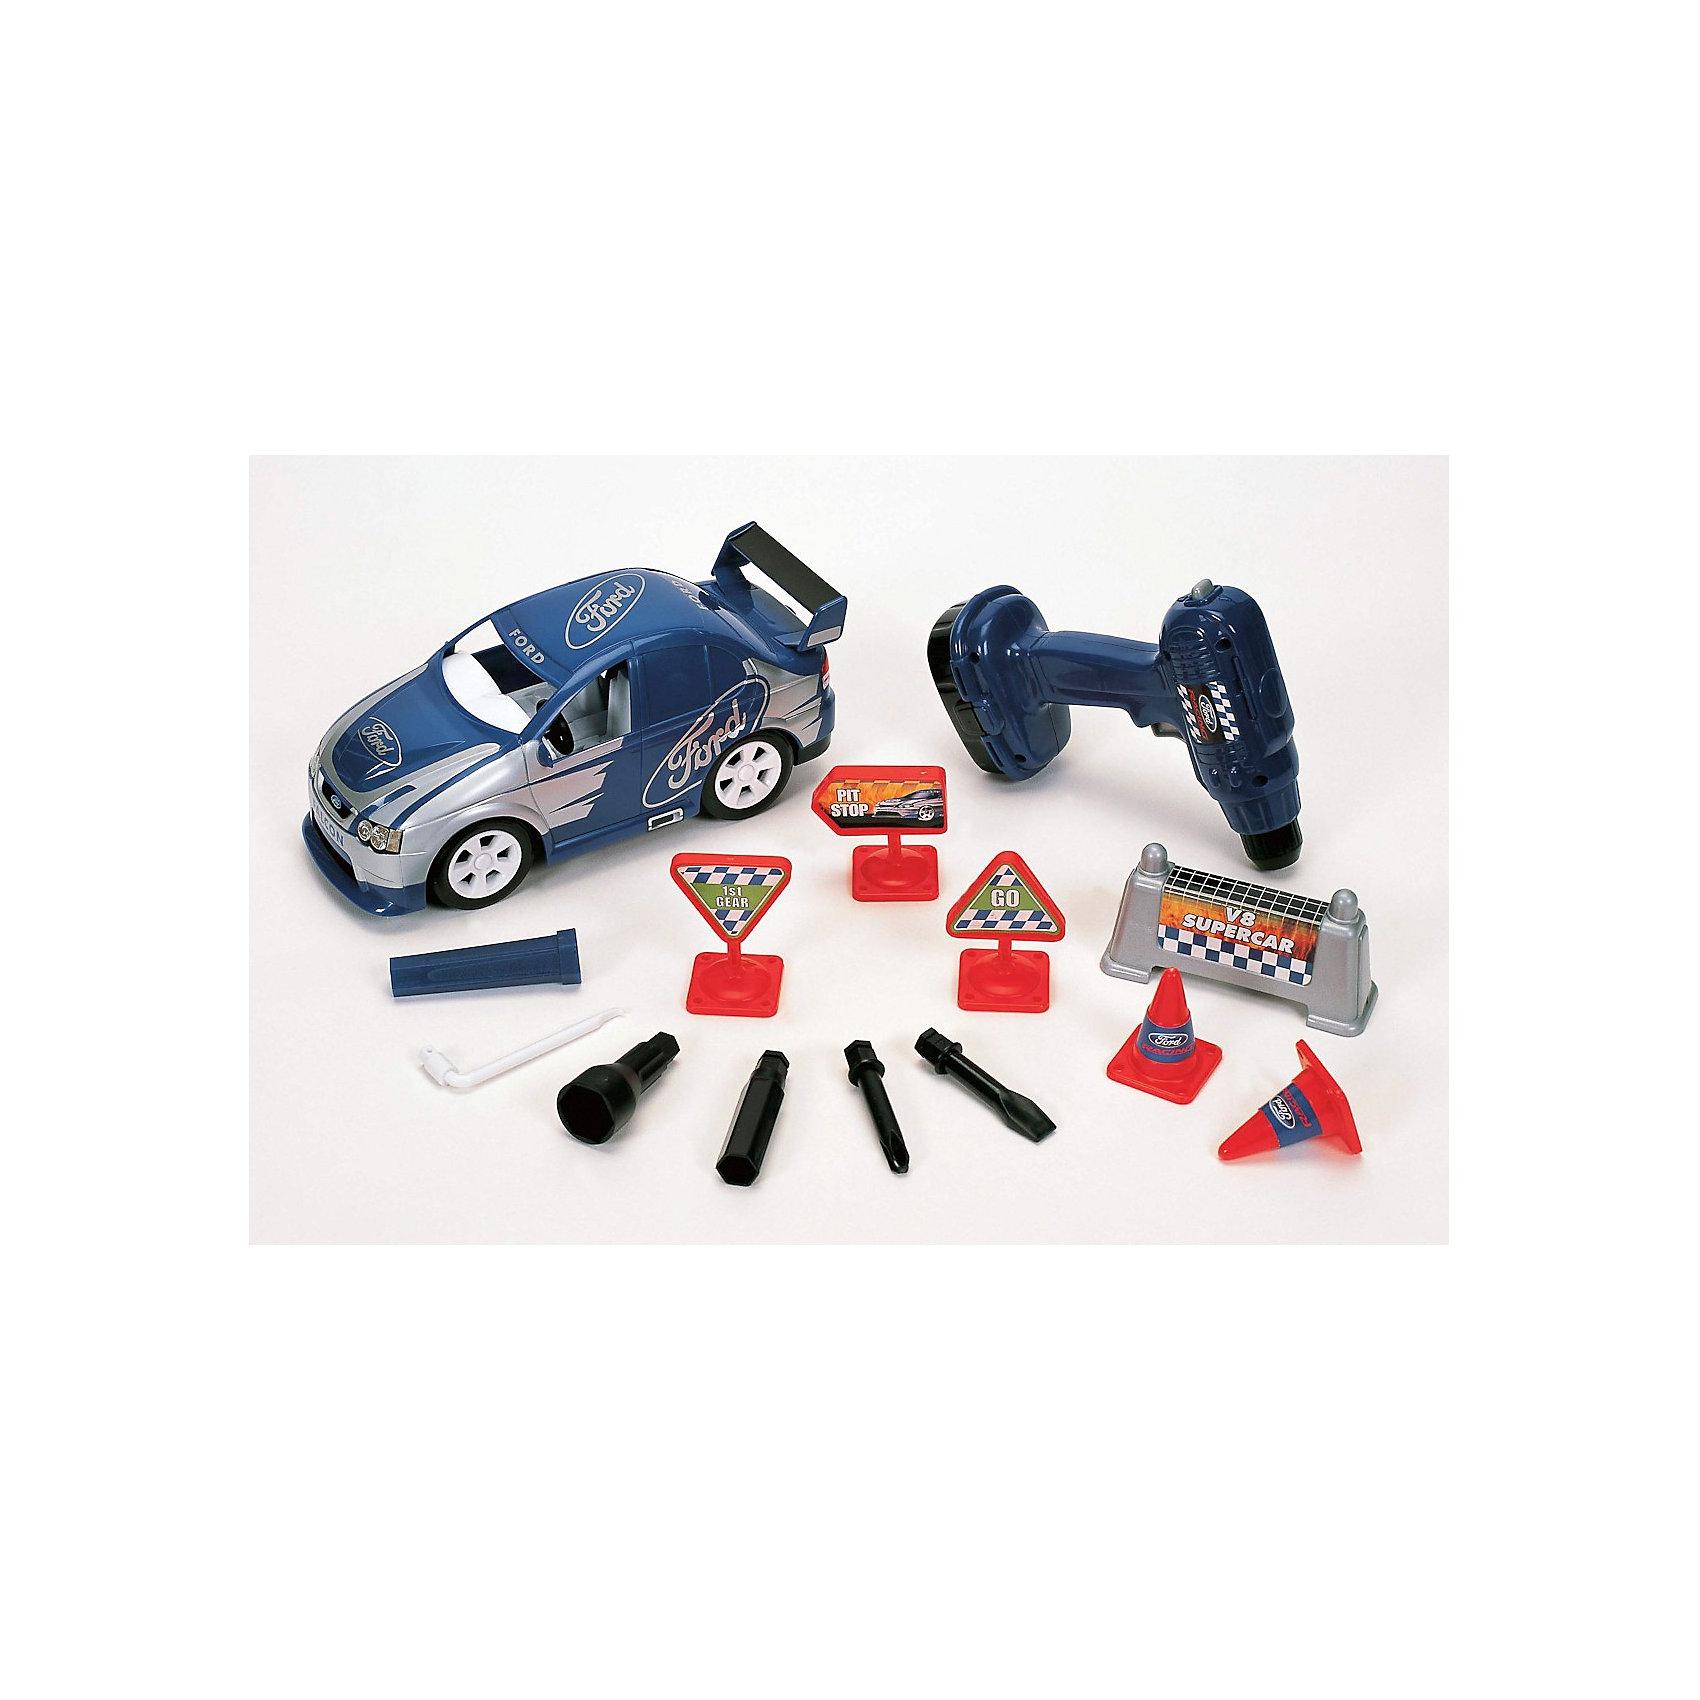 Winner Игровой набор Конструктор Спортивный Ford, с аксессуарами, свет+звук